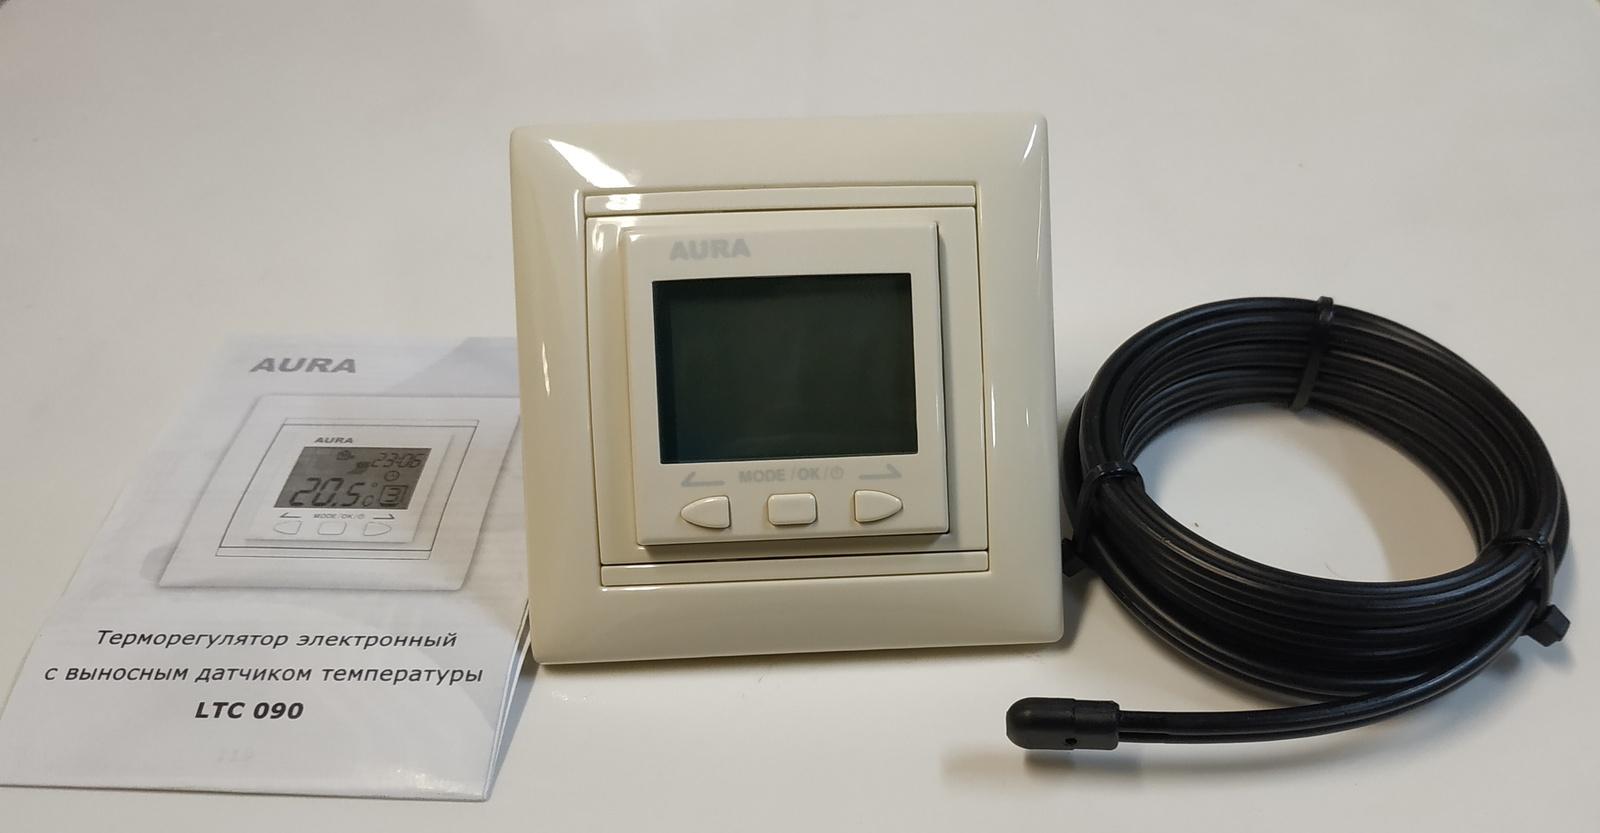 Регулятор теплого пола AURA LTC 090 Крем, 3202090 стоимость